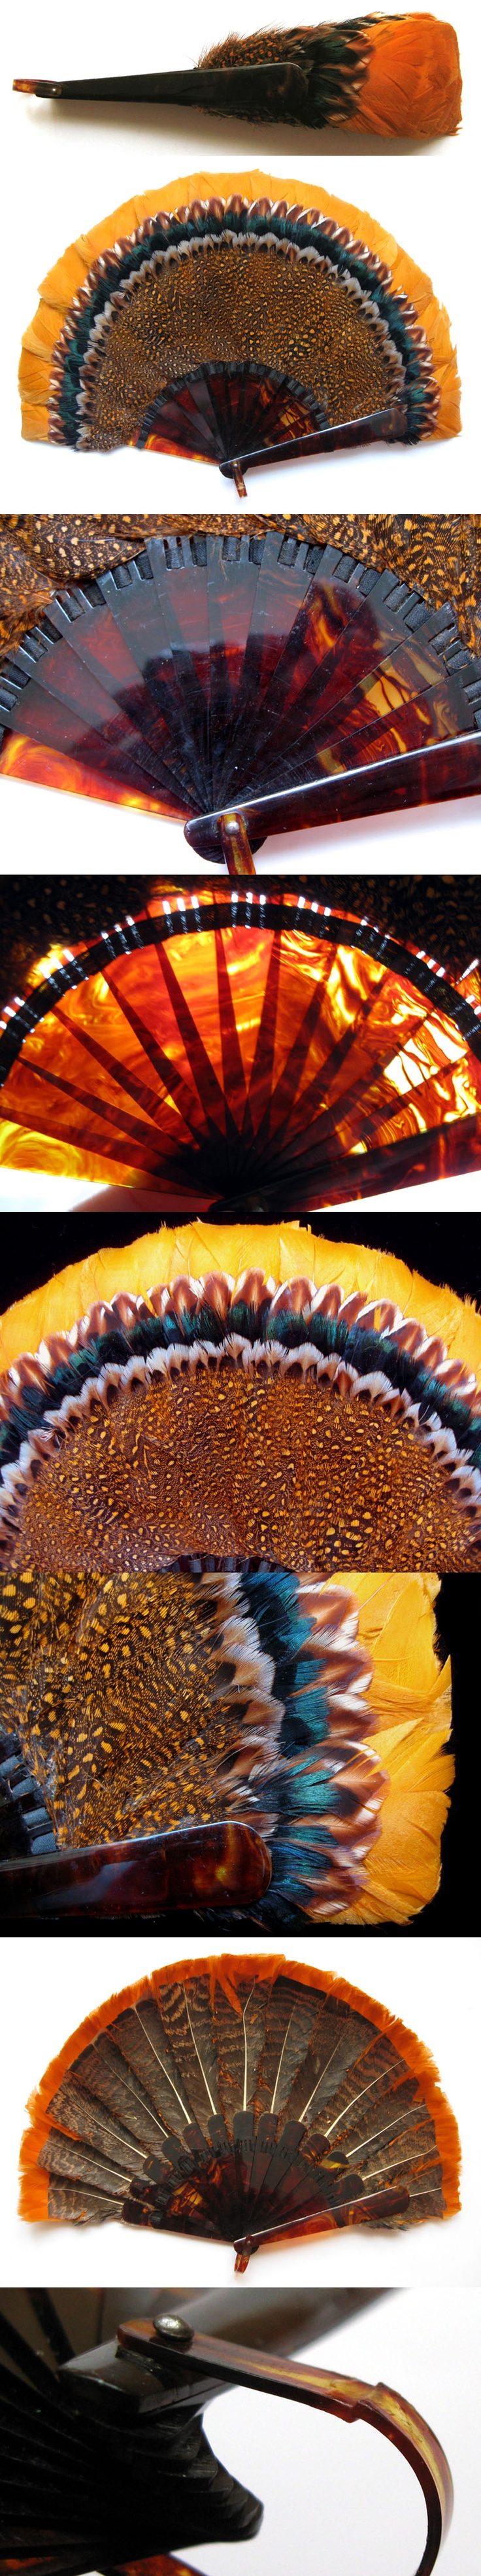 Antique Edwardian Feather & Celluloid Fan Fächer eventail ventaglio abanico 1910 | eBay